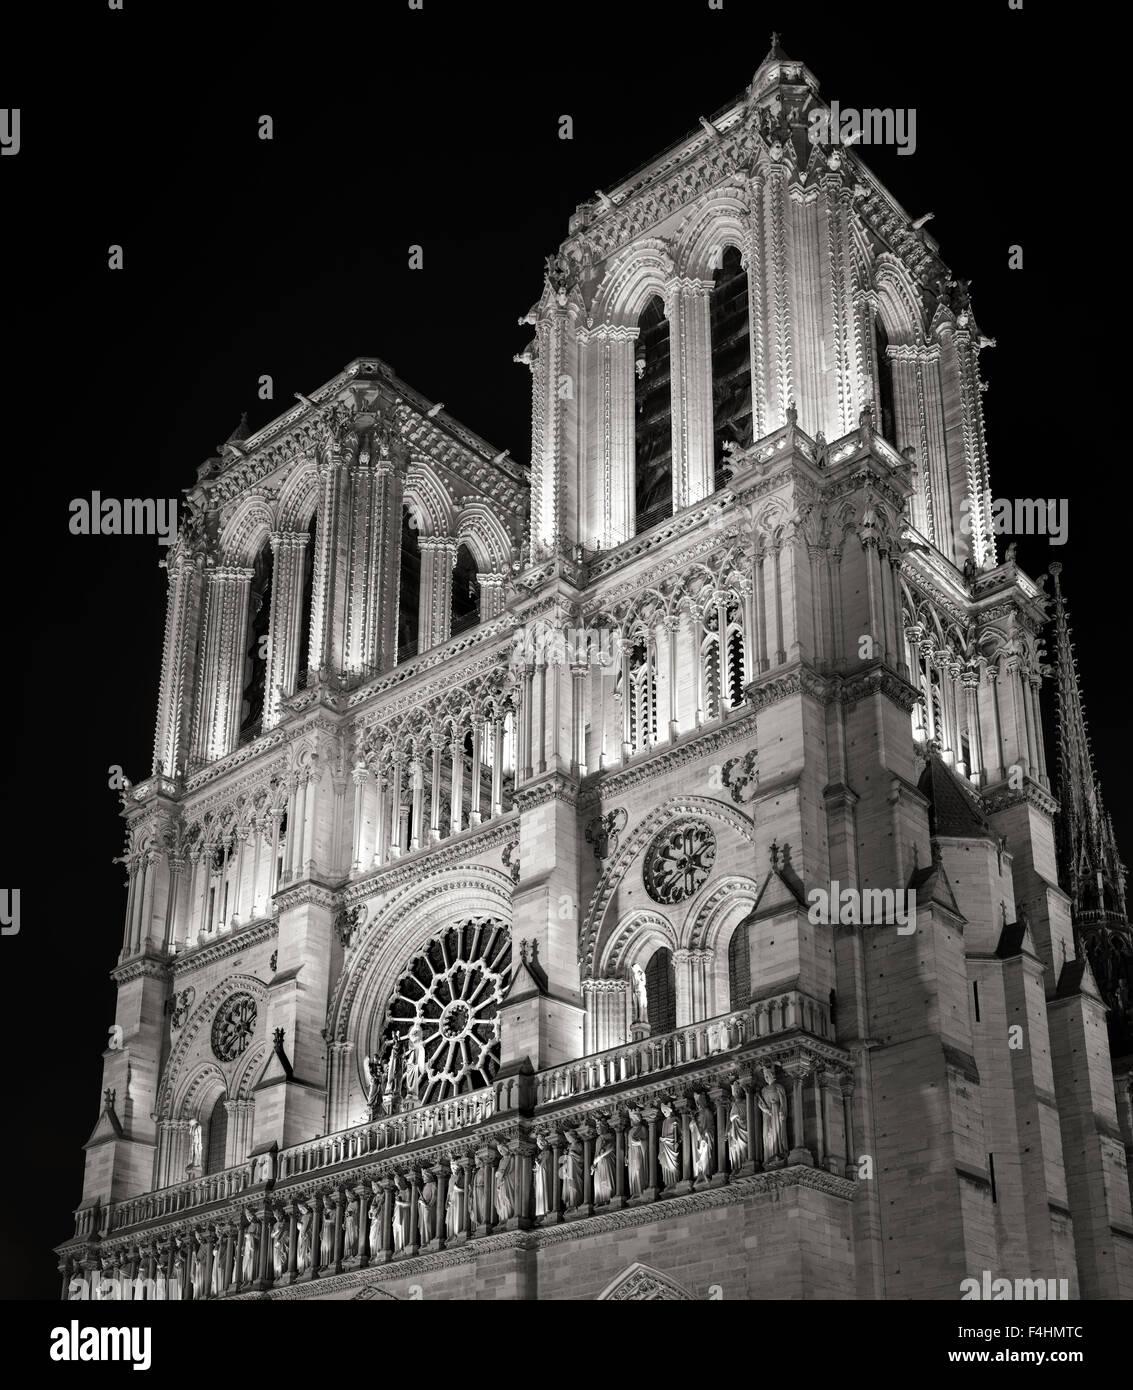 Torri e la facciata della Cattedrale di Notre Dame de Paris illuminata di notte, Ile de la Cite, Francia. Architettura Immagini Stock